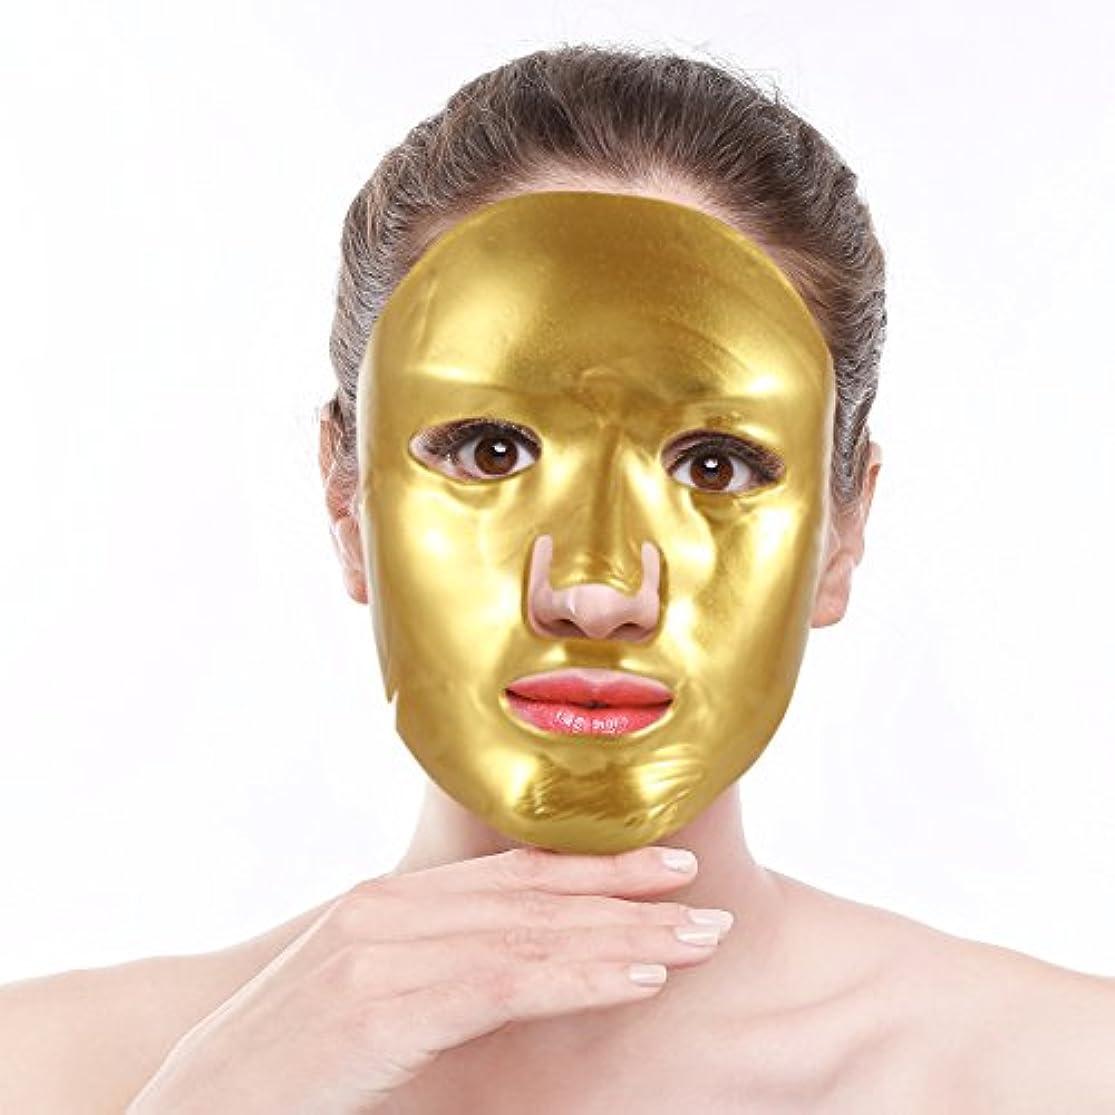 ヶ月目意図的半円フェイススキンケアクリスタルコラーゲンマスクゴールドパウダーモイスチャー マスク